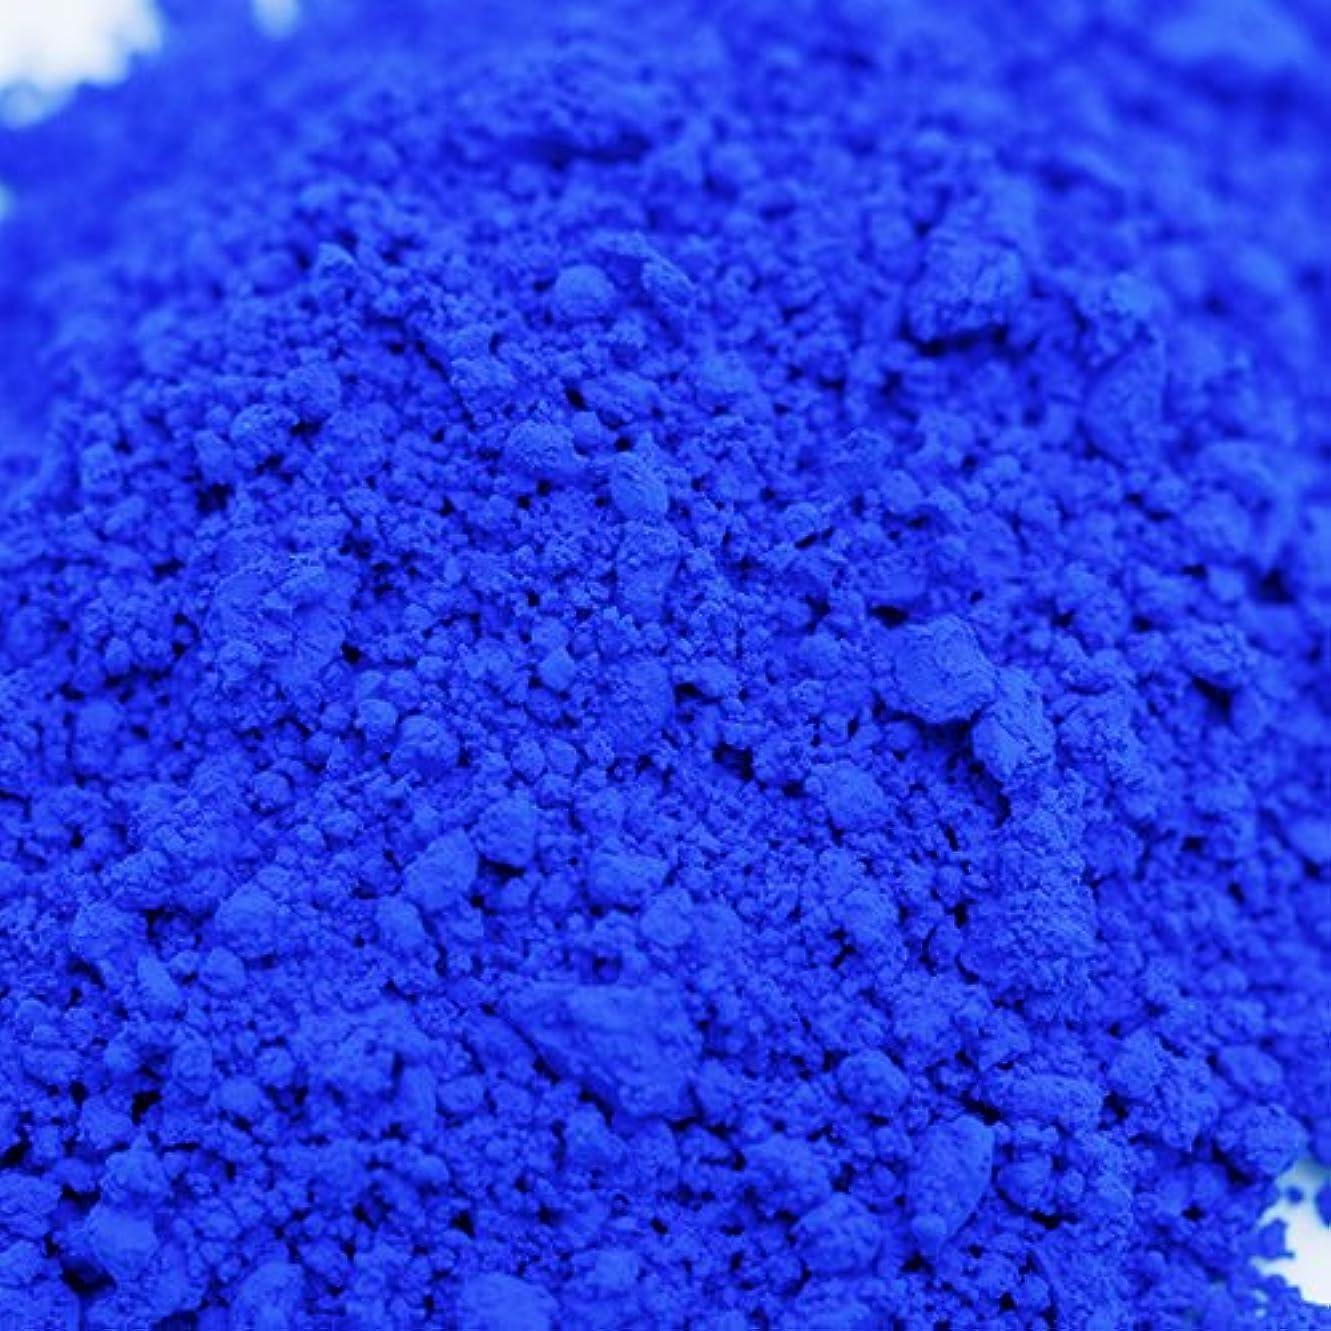 冷蔵庫バット状ウルトラマリン ブルー 5g 【手作り石鹸/手作りコスメ/色付け/カラーラント/青】